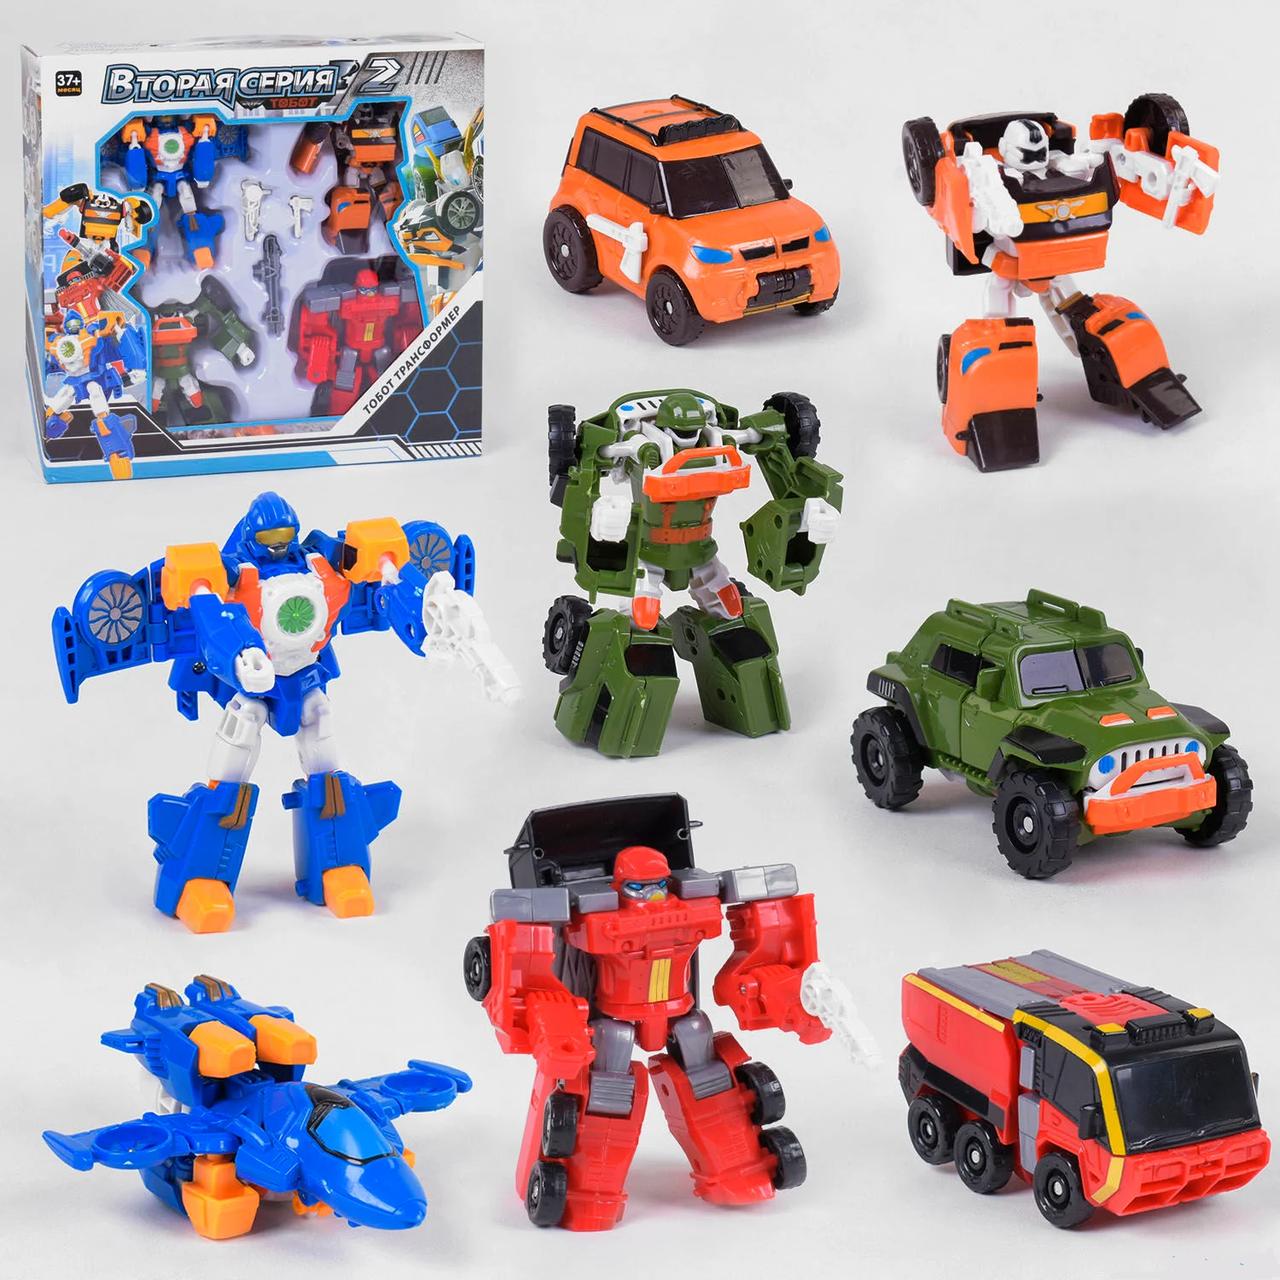 Набір трансформерів Тобот міні 4 в 1 Іграшка-трансформер Tobot 4 в 1 Tobot До Вулкан Маг Позашляховик